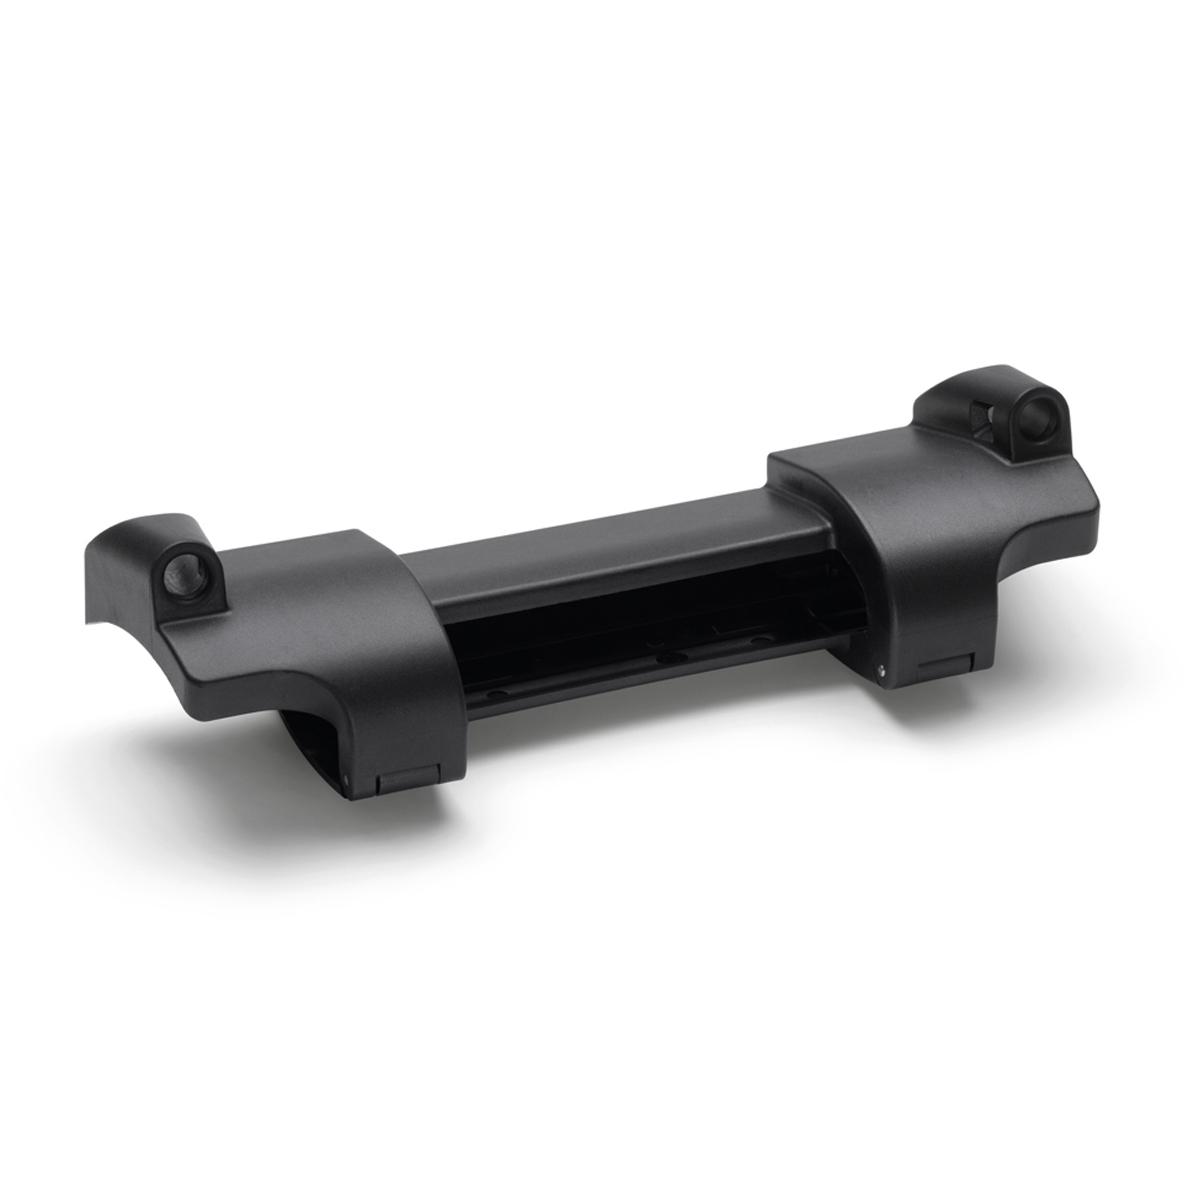 Accessoires poussette Adaptateur Planche à Roulette Confort+ Donkey / Buffalo Adaptateur Planche à Roulette Confort+ Donkey / Buffalo